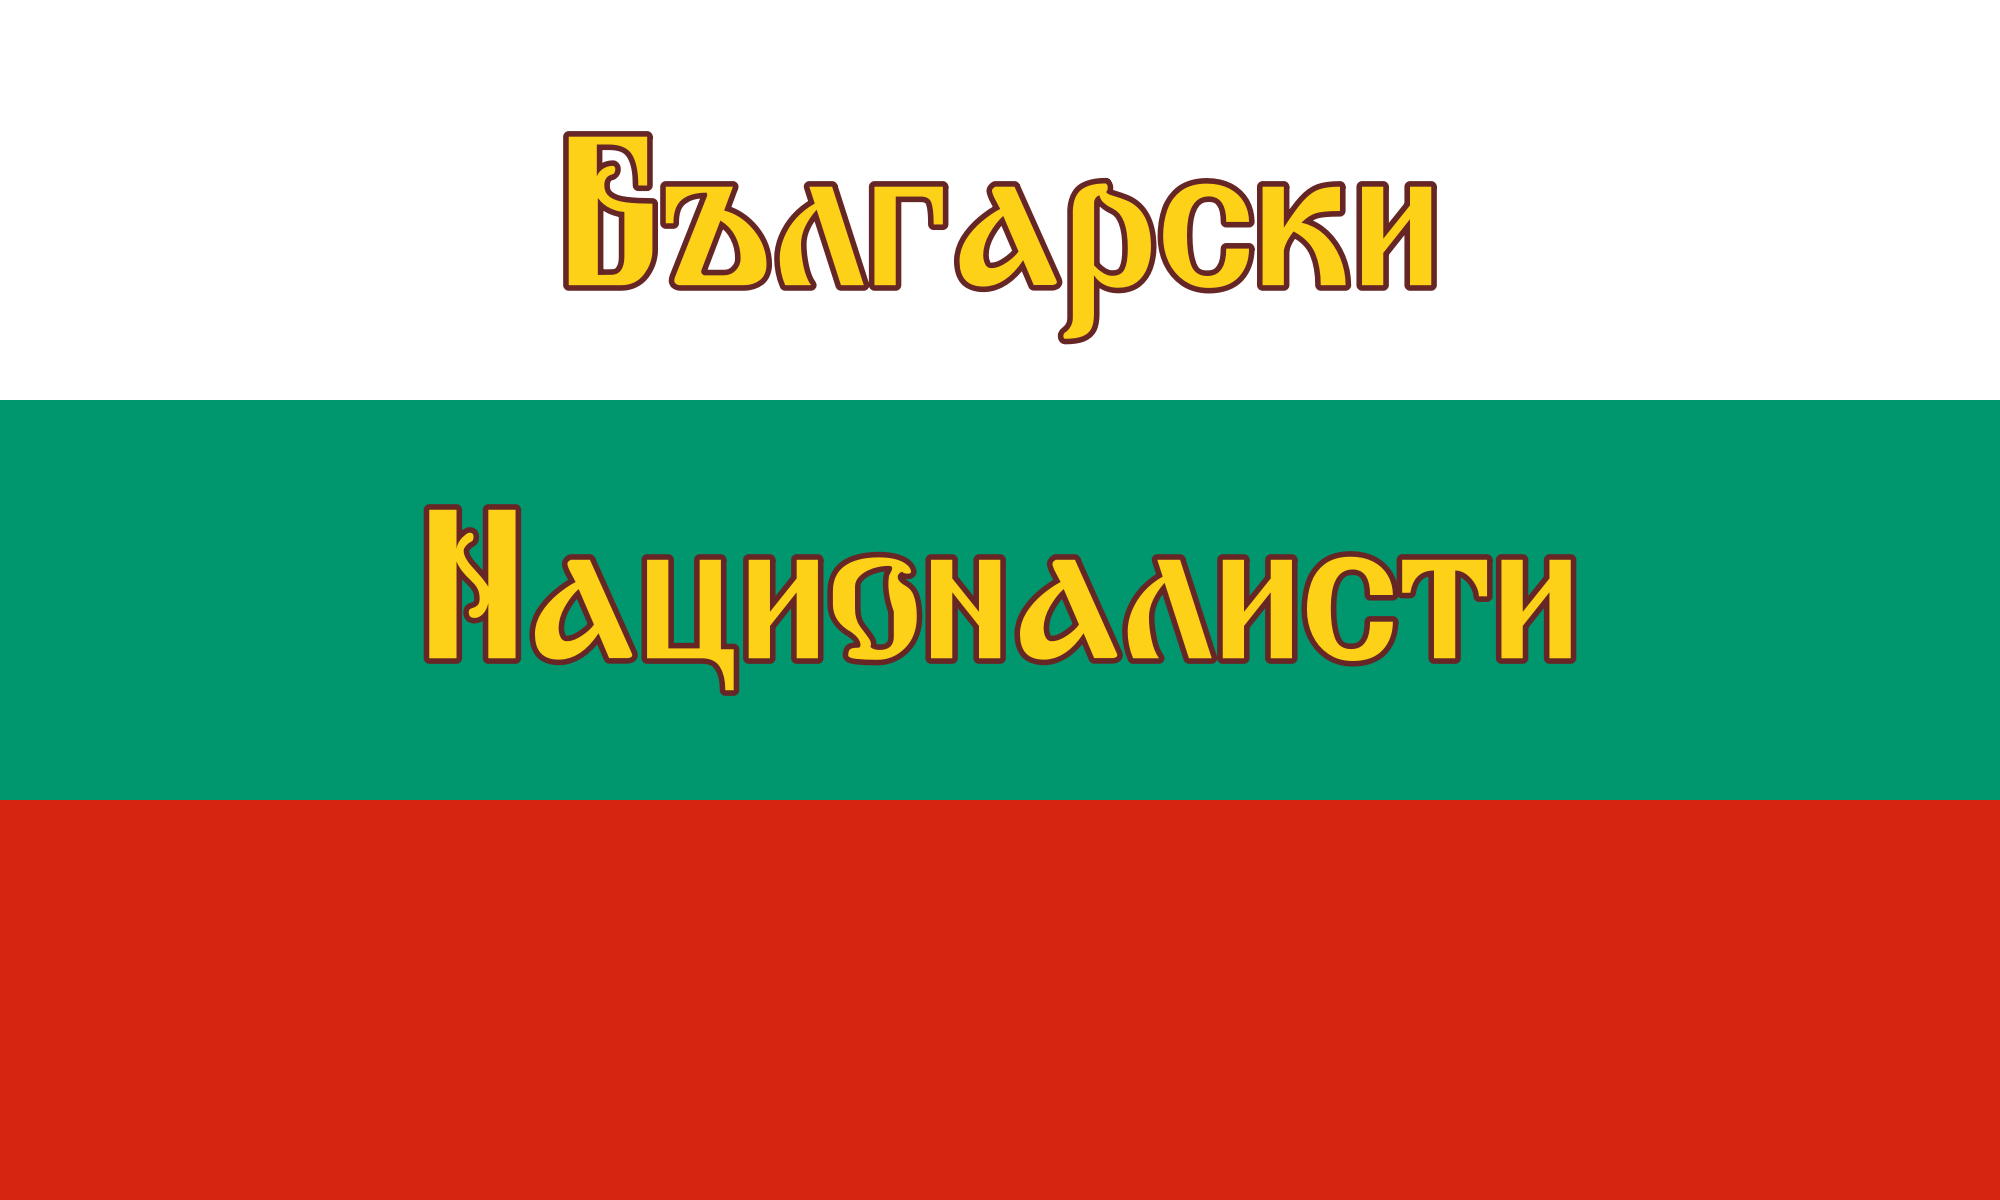 Български Националисти